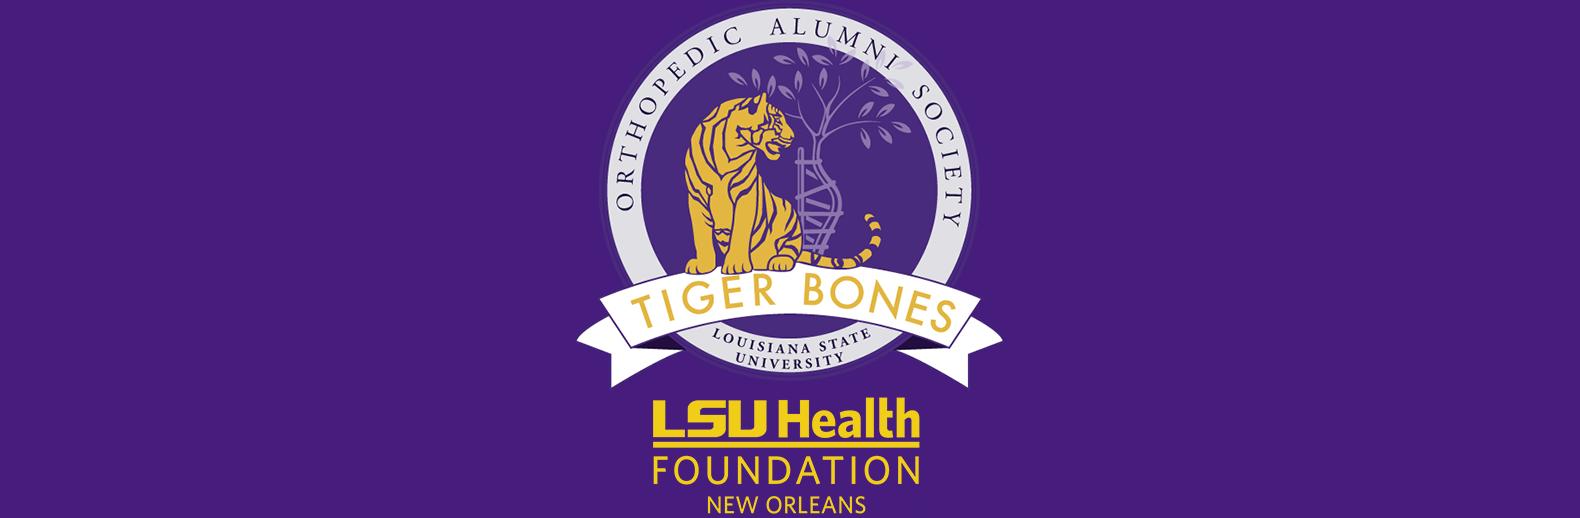 Tiger Bones banner solid